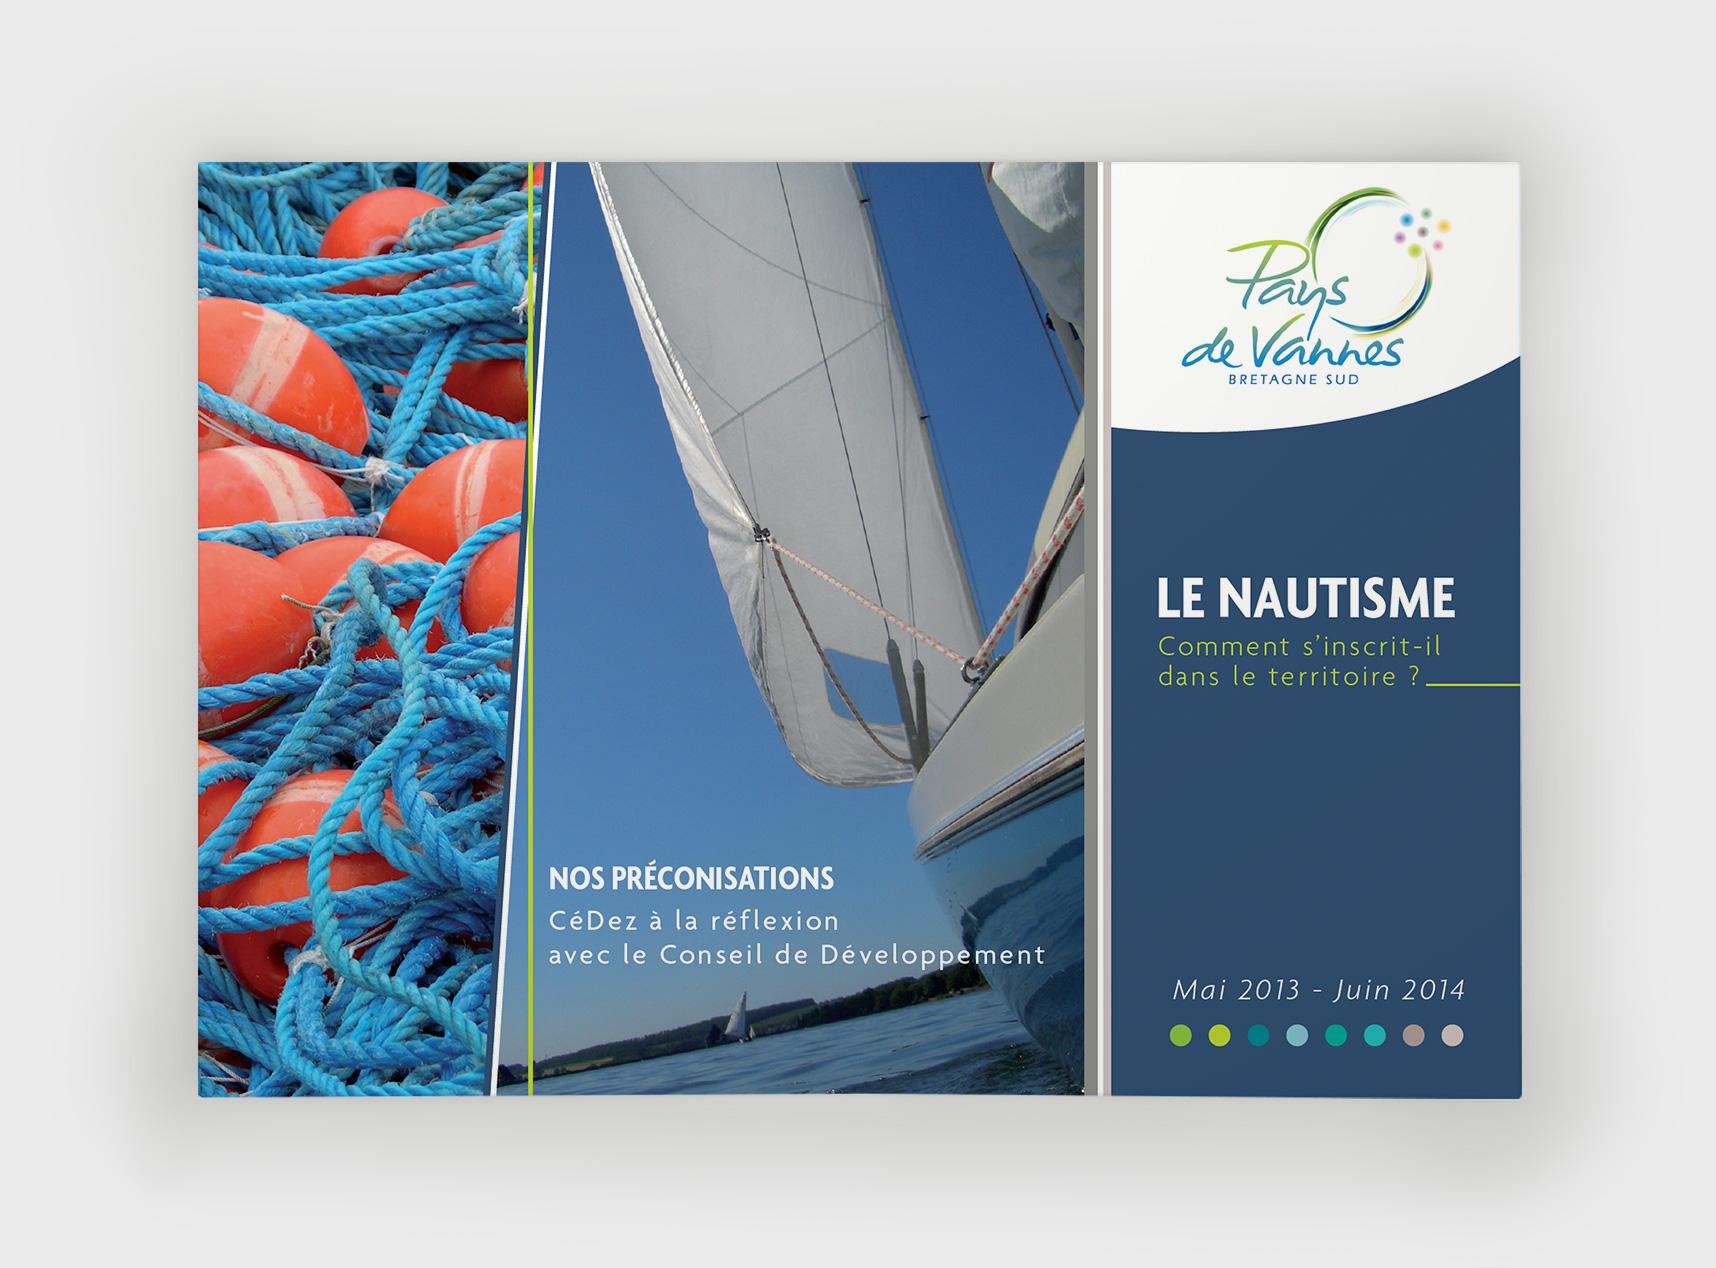 IZATIS_PAYS_DE_VANNES_brochure_nautisme_couverture